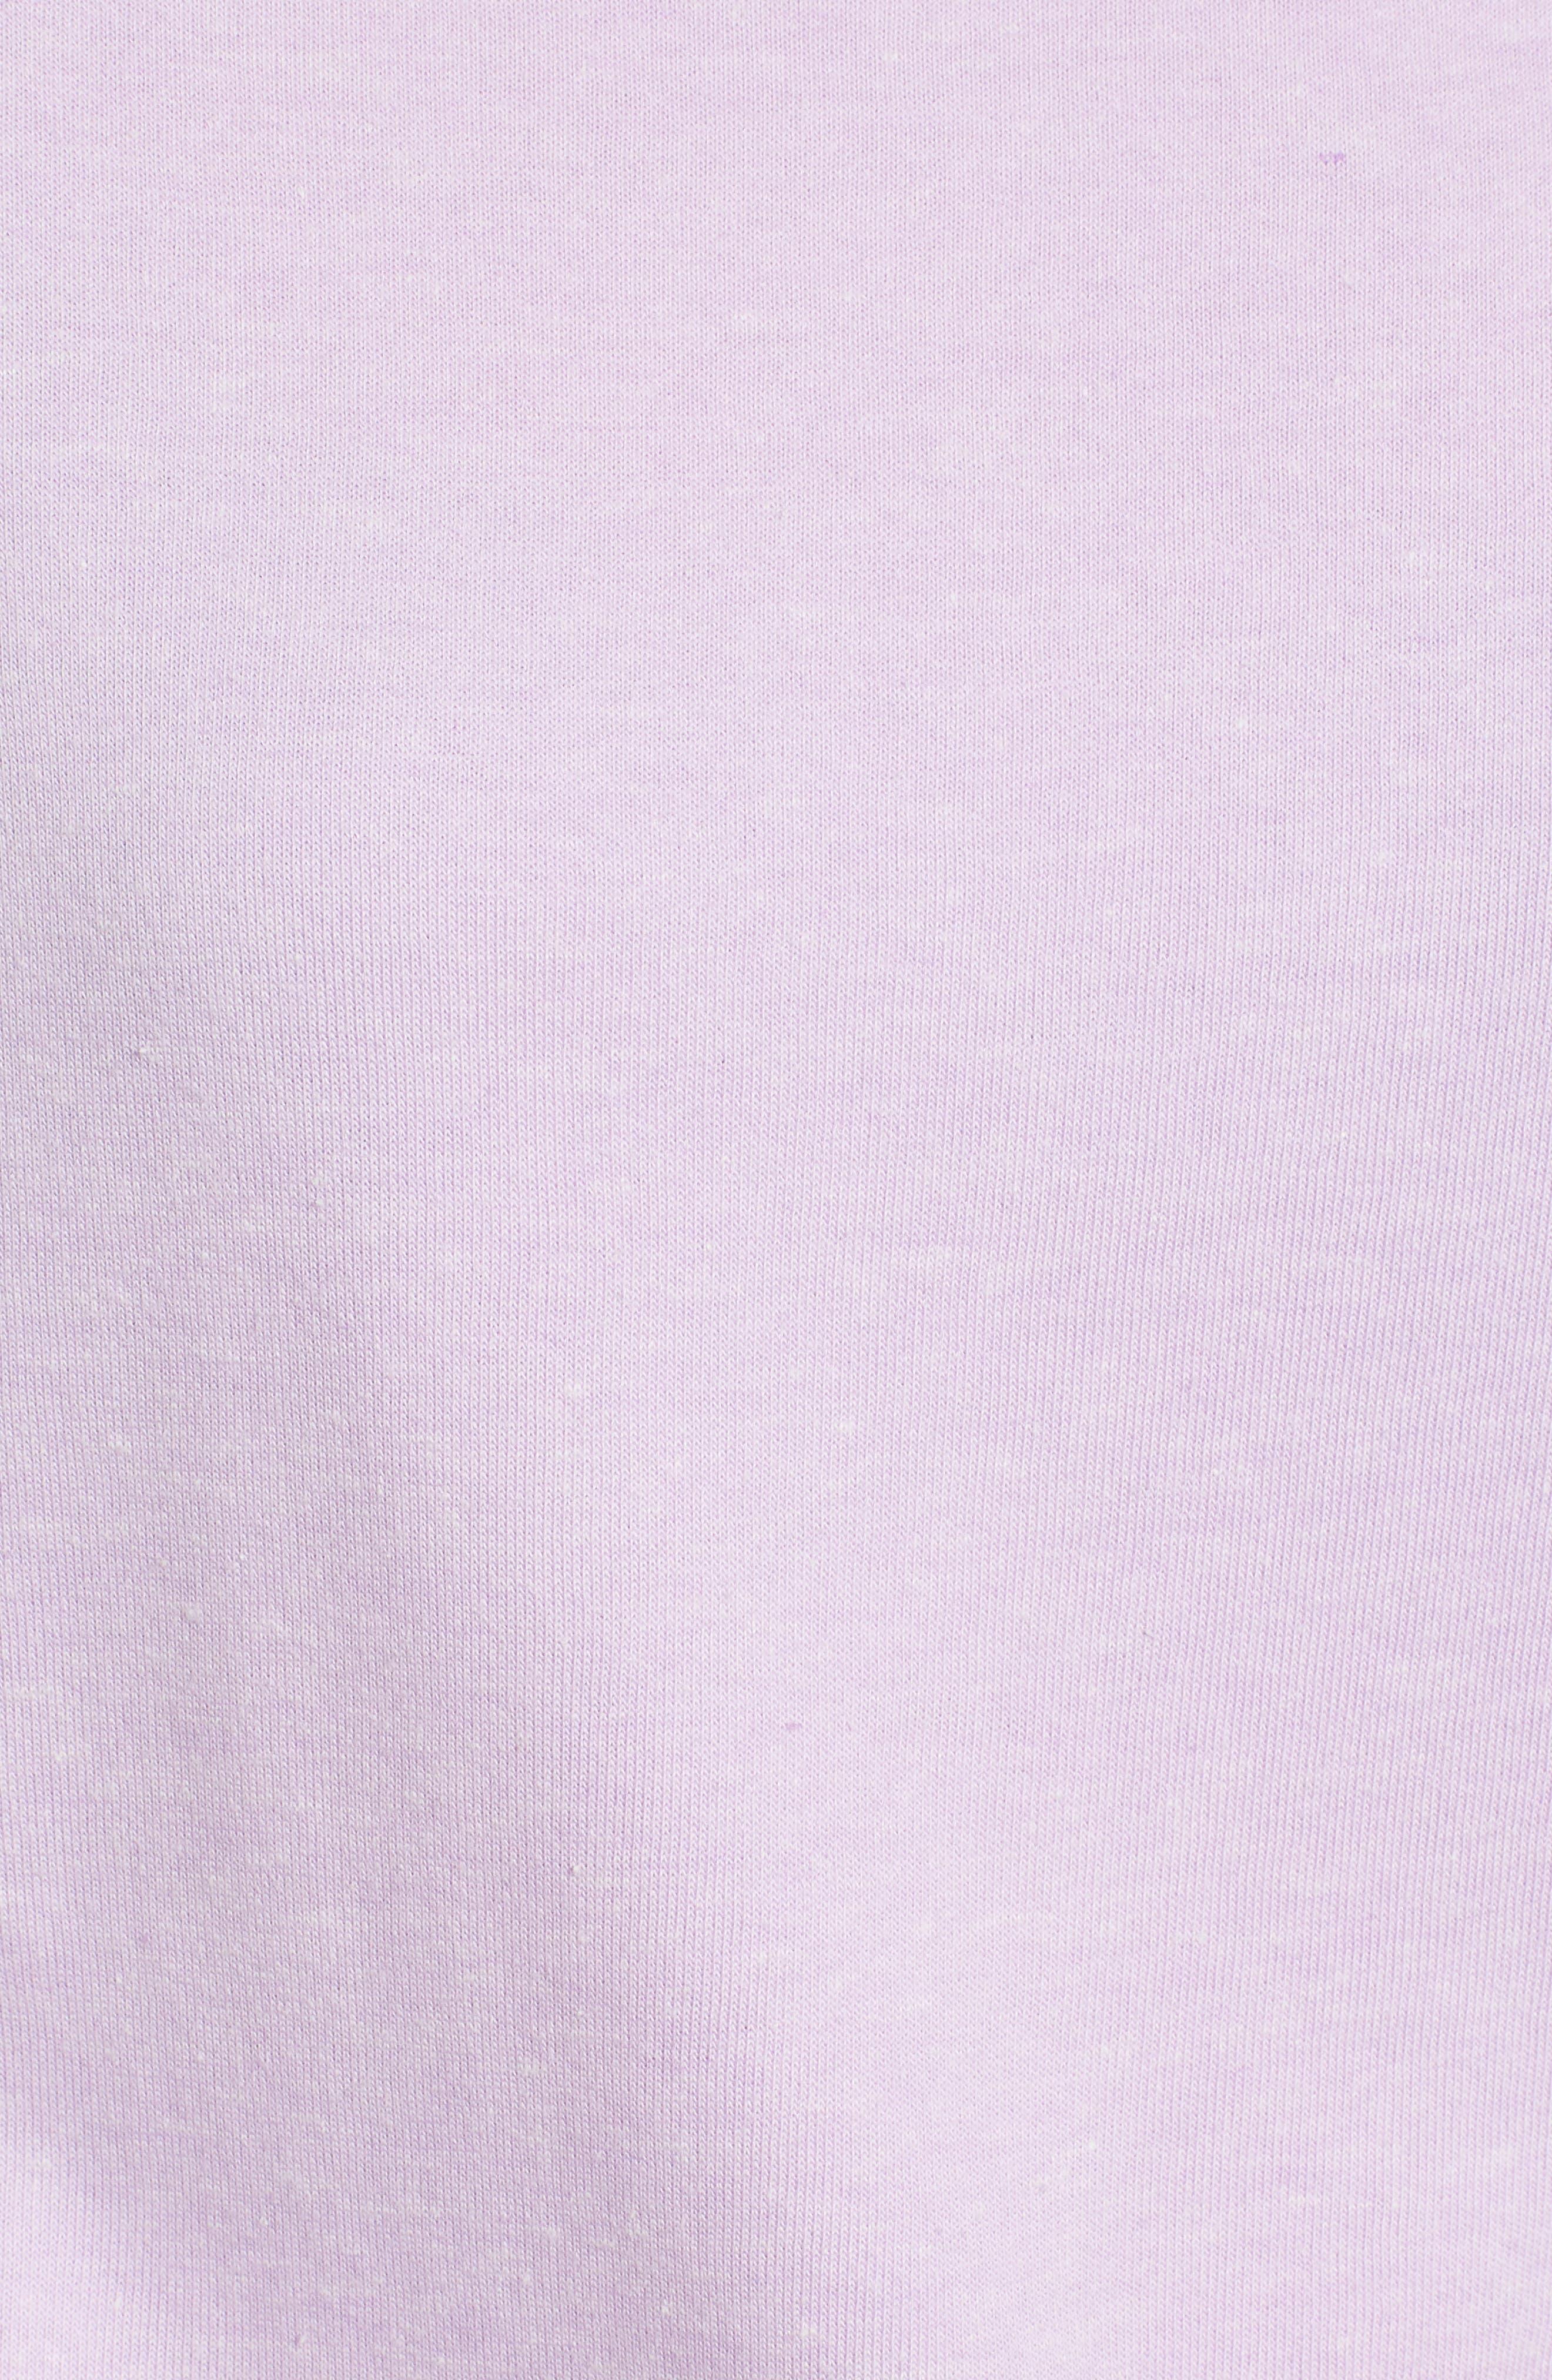 Slouch Sweatshirt,                             Alternate thumbnail 5, color,                             Pop Lavender